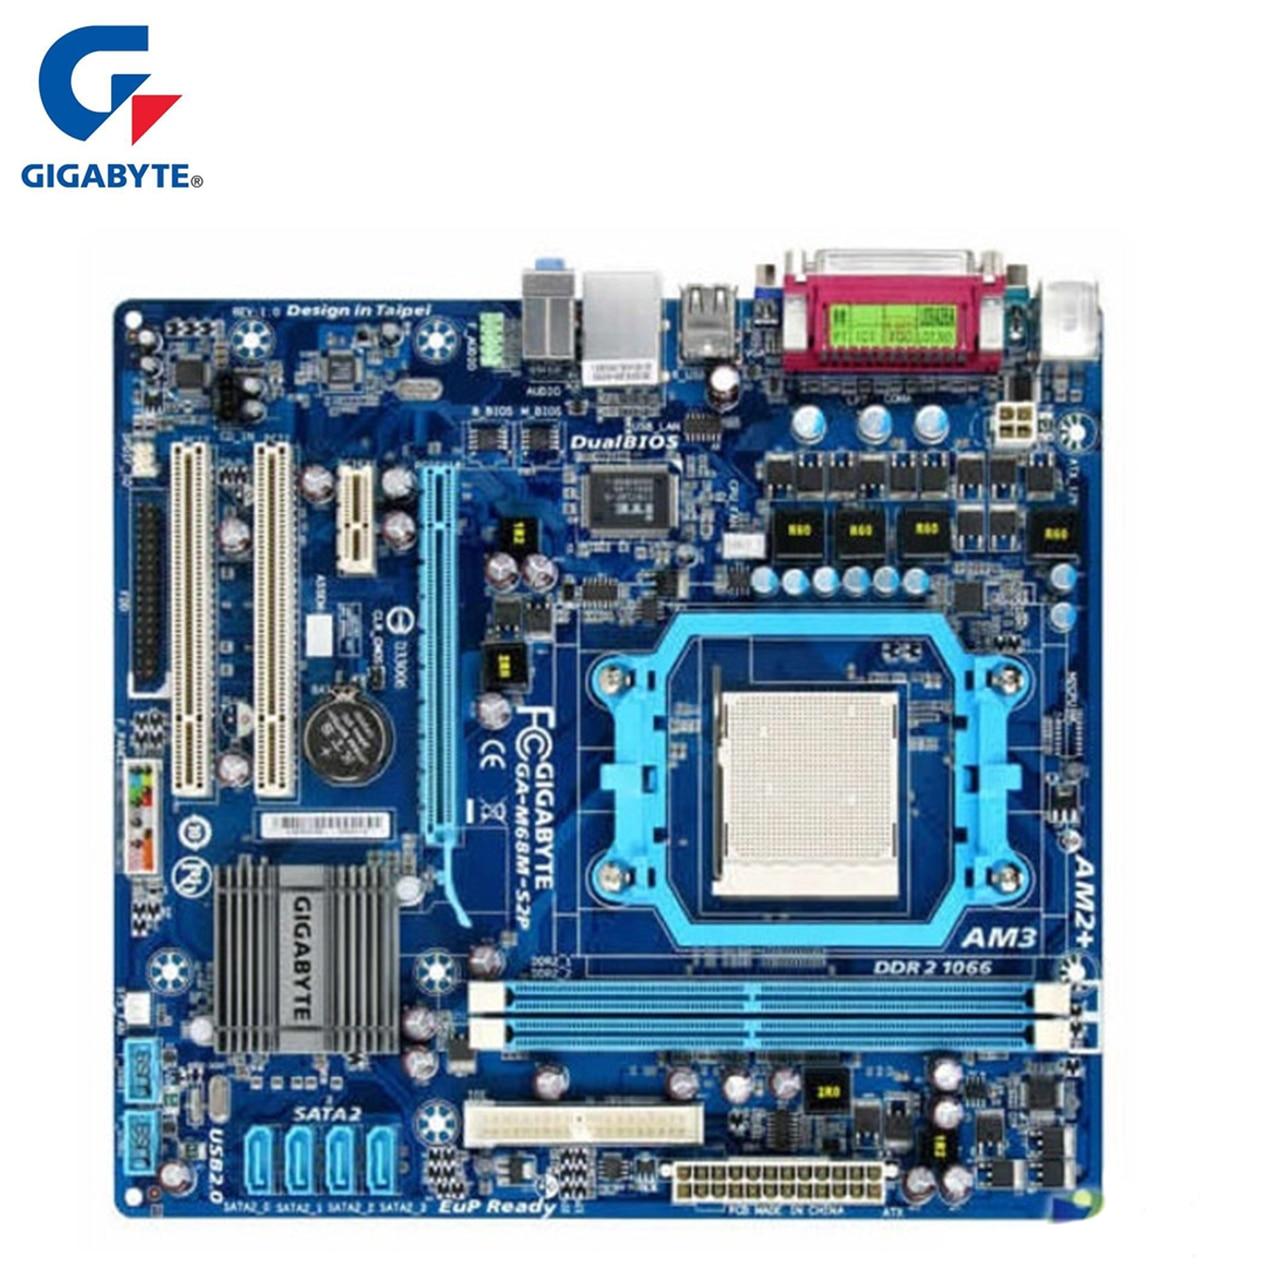 Gigabyte GA-M68M-S2P Motherboard DDR2 8 GB Buchse AM2/AM2 +/AM3 M68M S2P Desktop Mainboard Systemboard Verwendet Integrierte grafiken